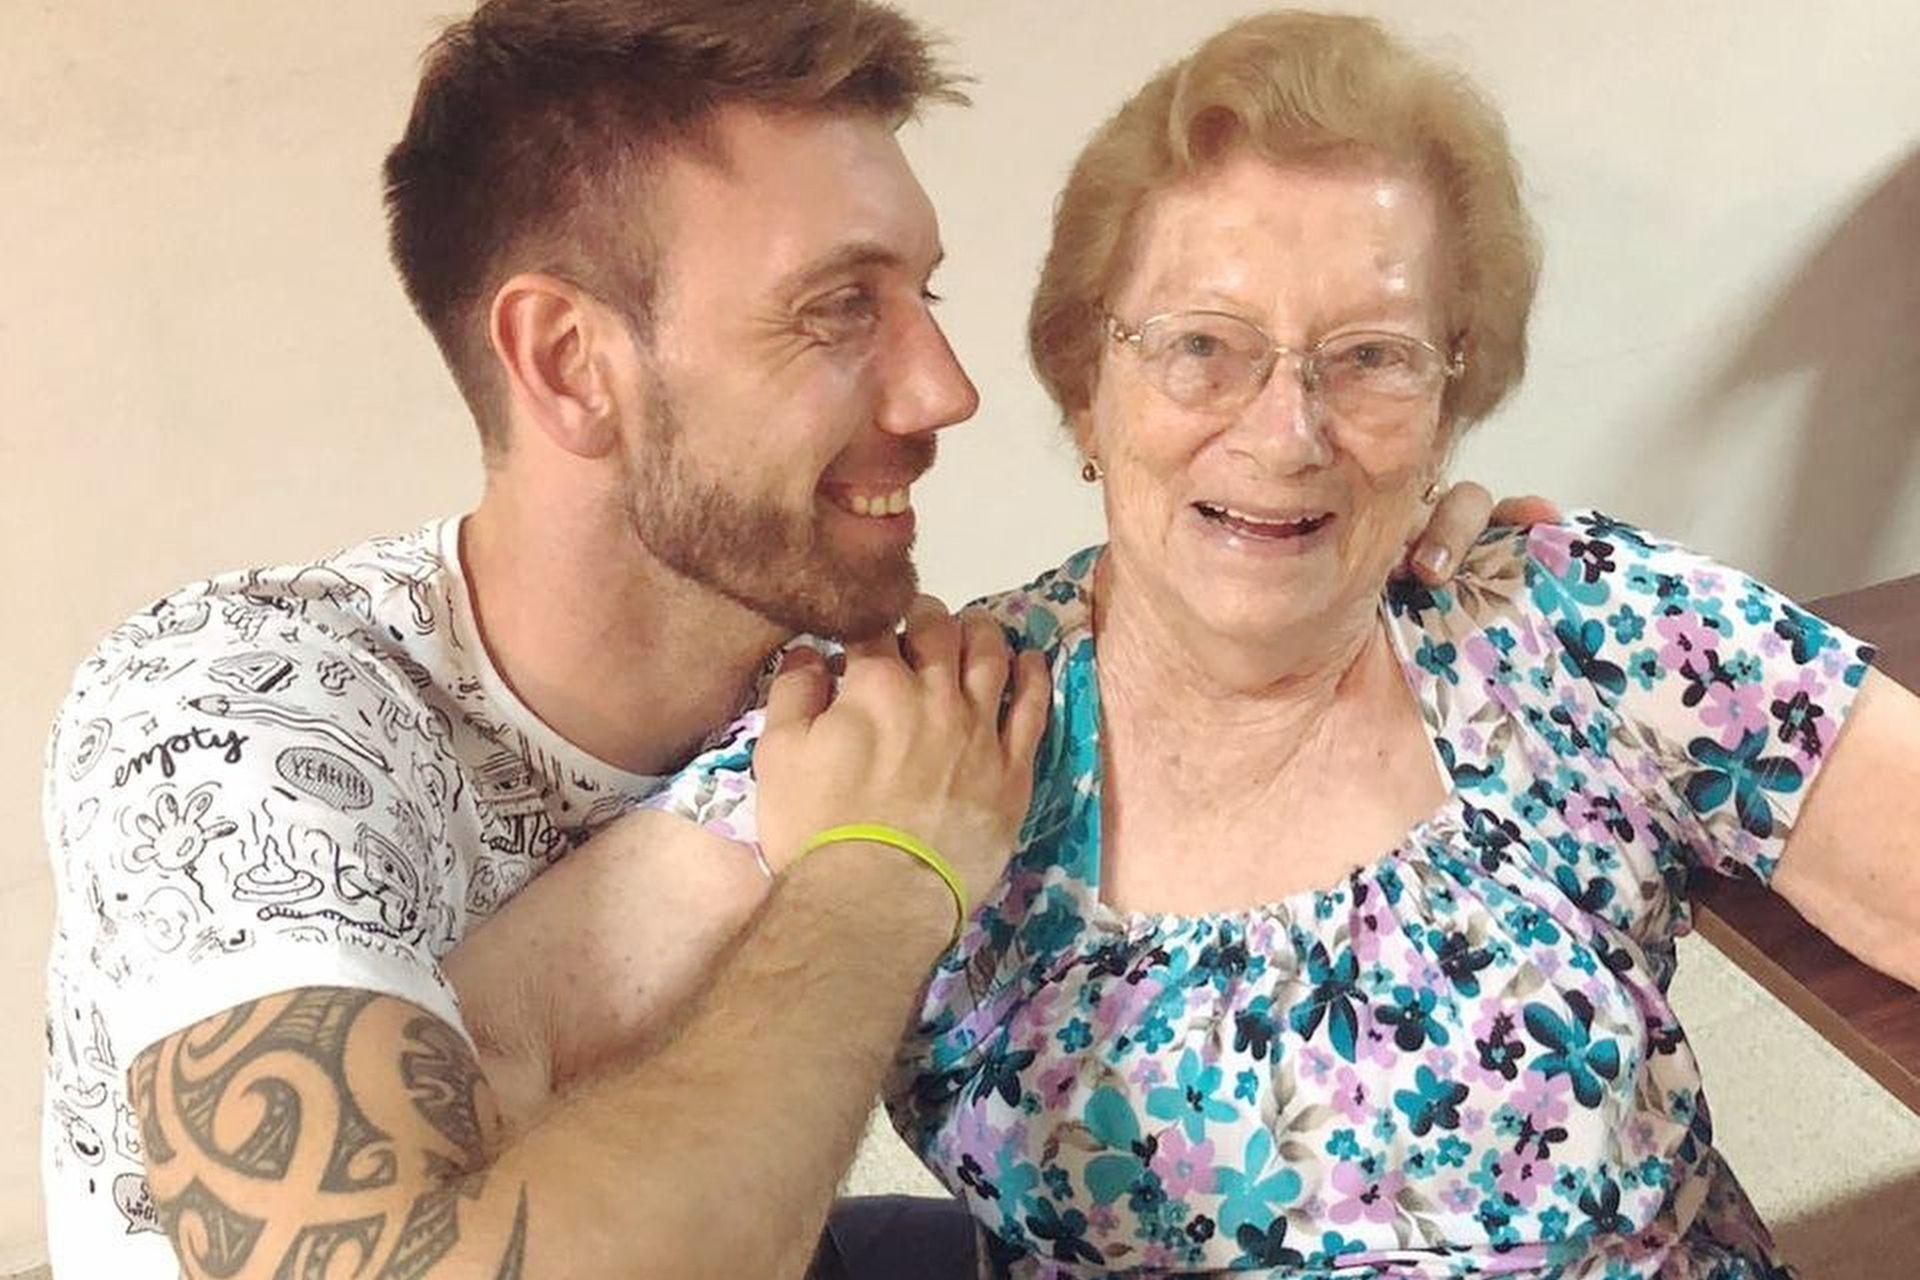 Facundo es oriundo de Franck, un pequeño pueblo de Santa Fe. En la foto posa con su abuela, Doli, de 87 años, quien fue una de las primeras en aceptar su orientación sexual con total naturalidad